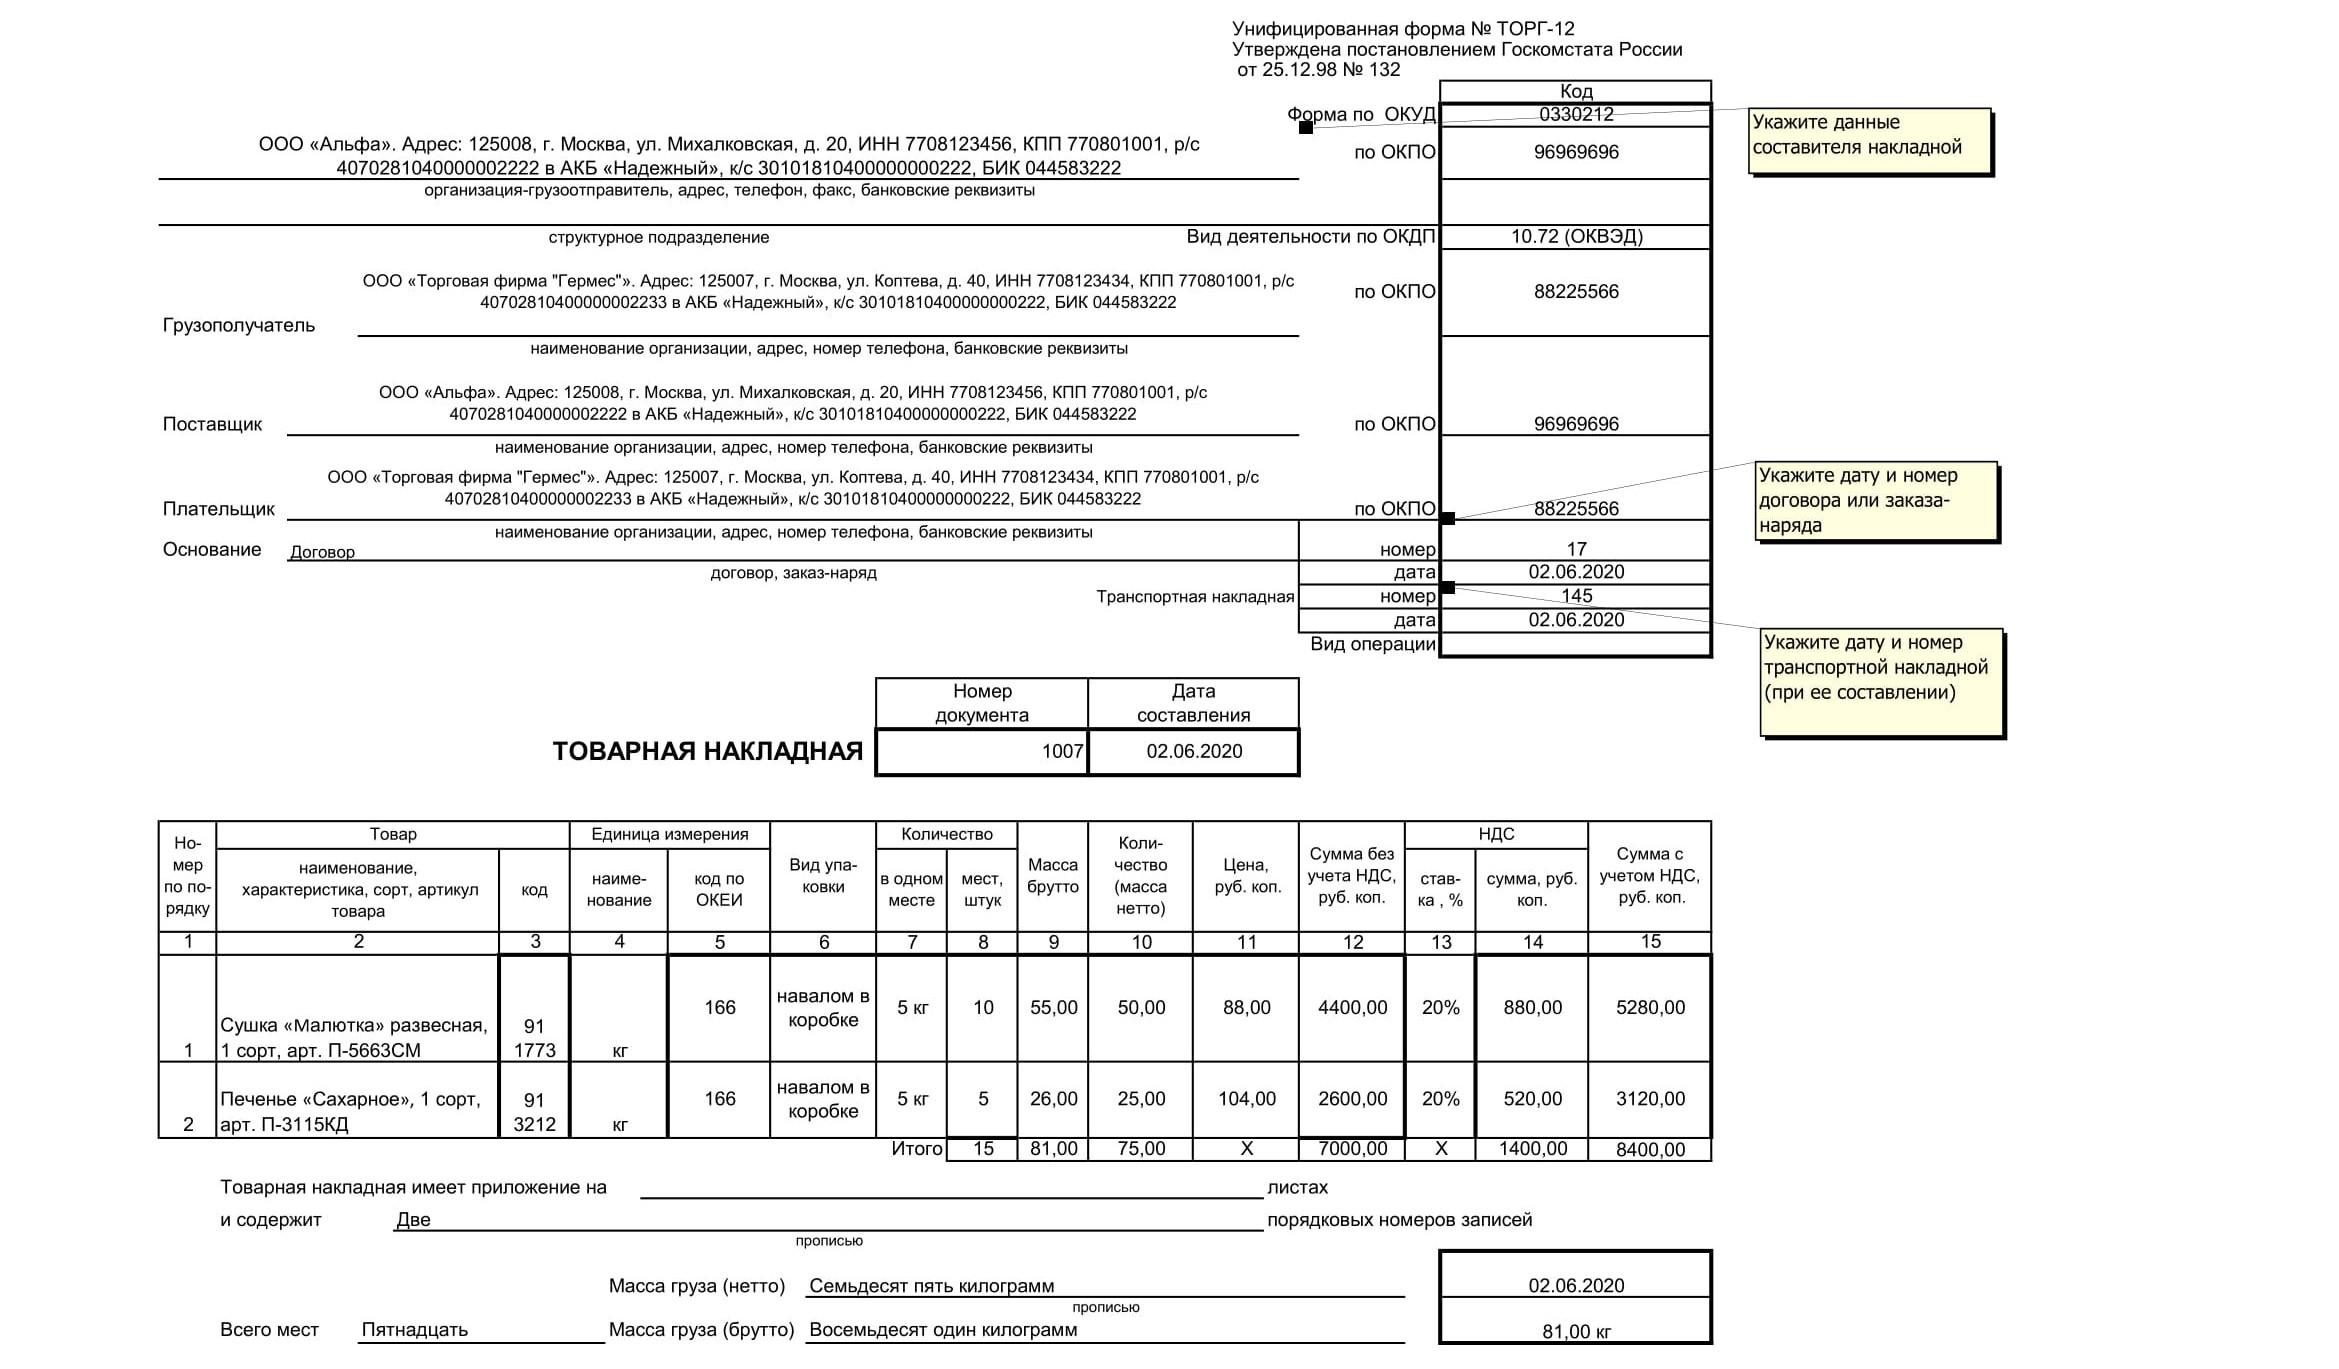 Оформление товарной накладной: правила, требования и образец заполнения формы торг-12, действия, если товар не соответствует, срок хранения